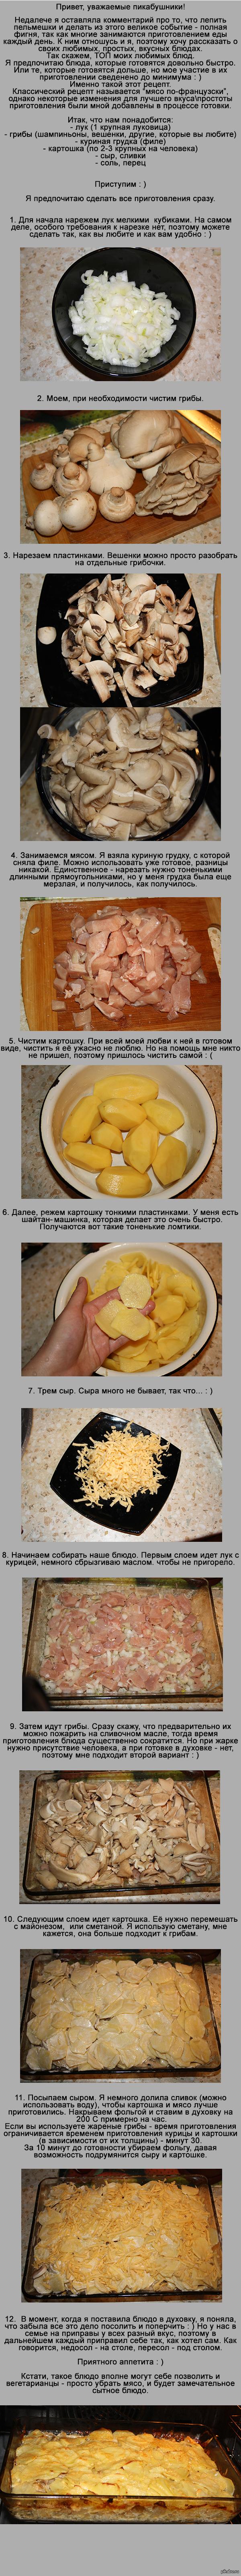 Для ленивых поварят : ) мой личный ТОП любимых и простых блюд